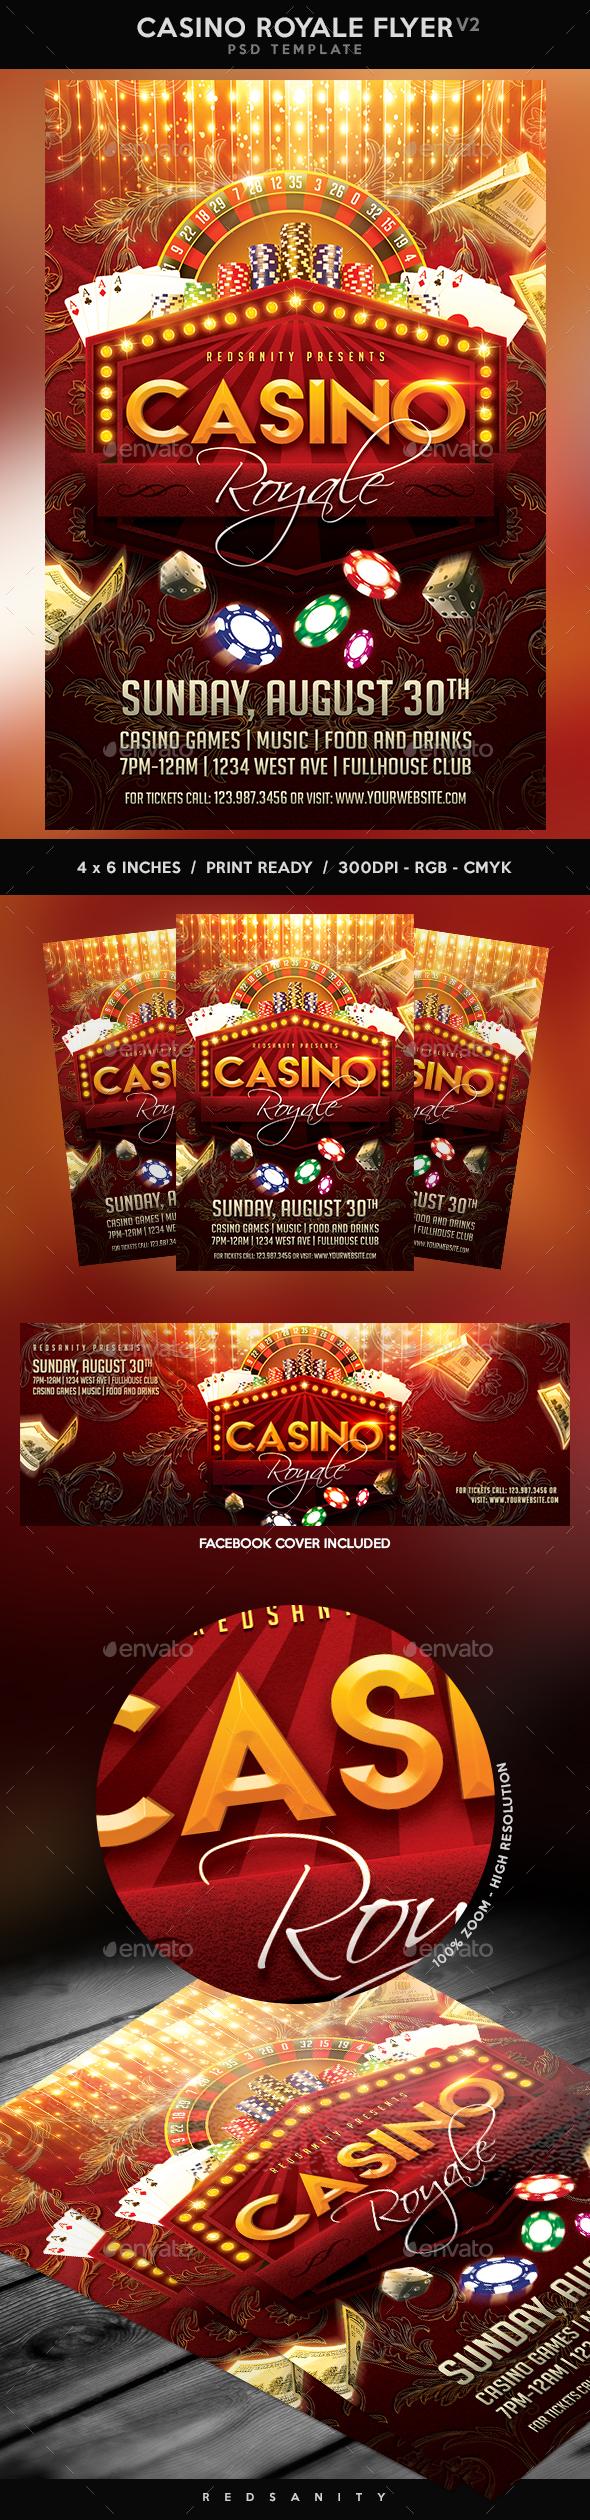 Casino Royale Flyer V2 - Events Flyers